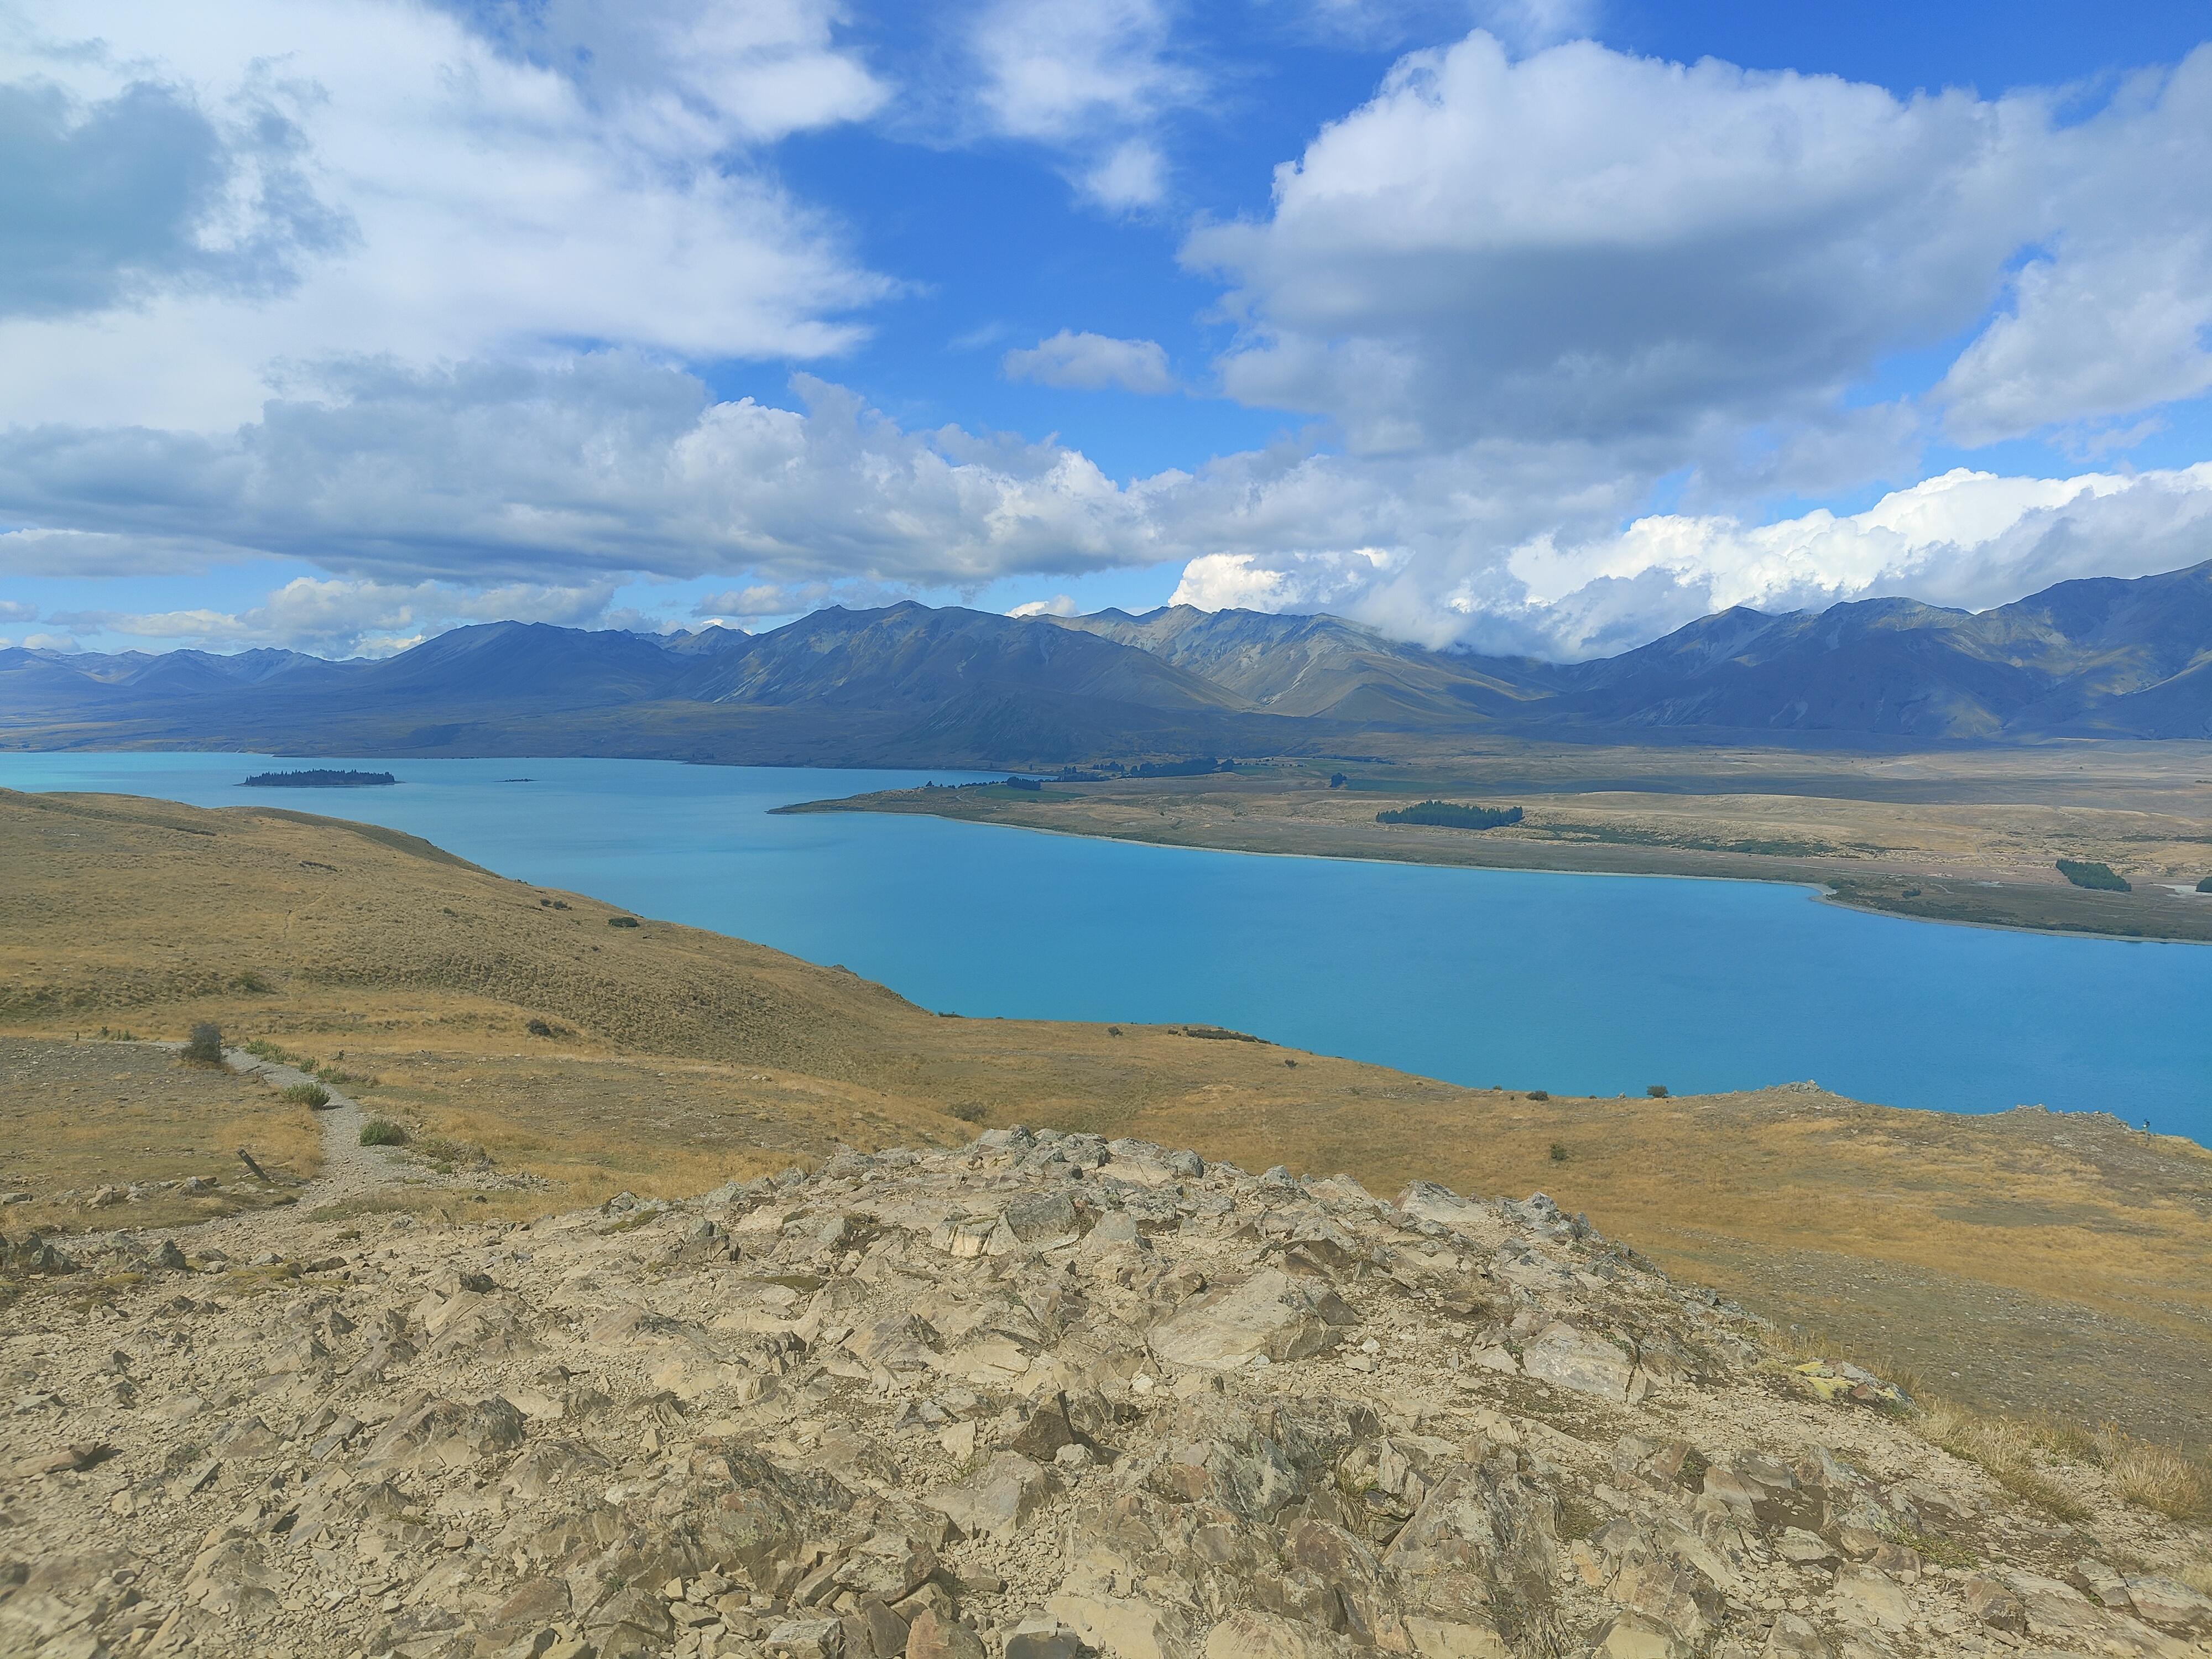 Lake Tekapo from the summit of Mt John